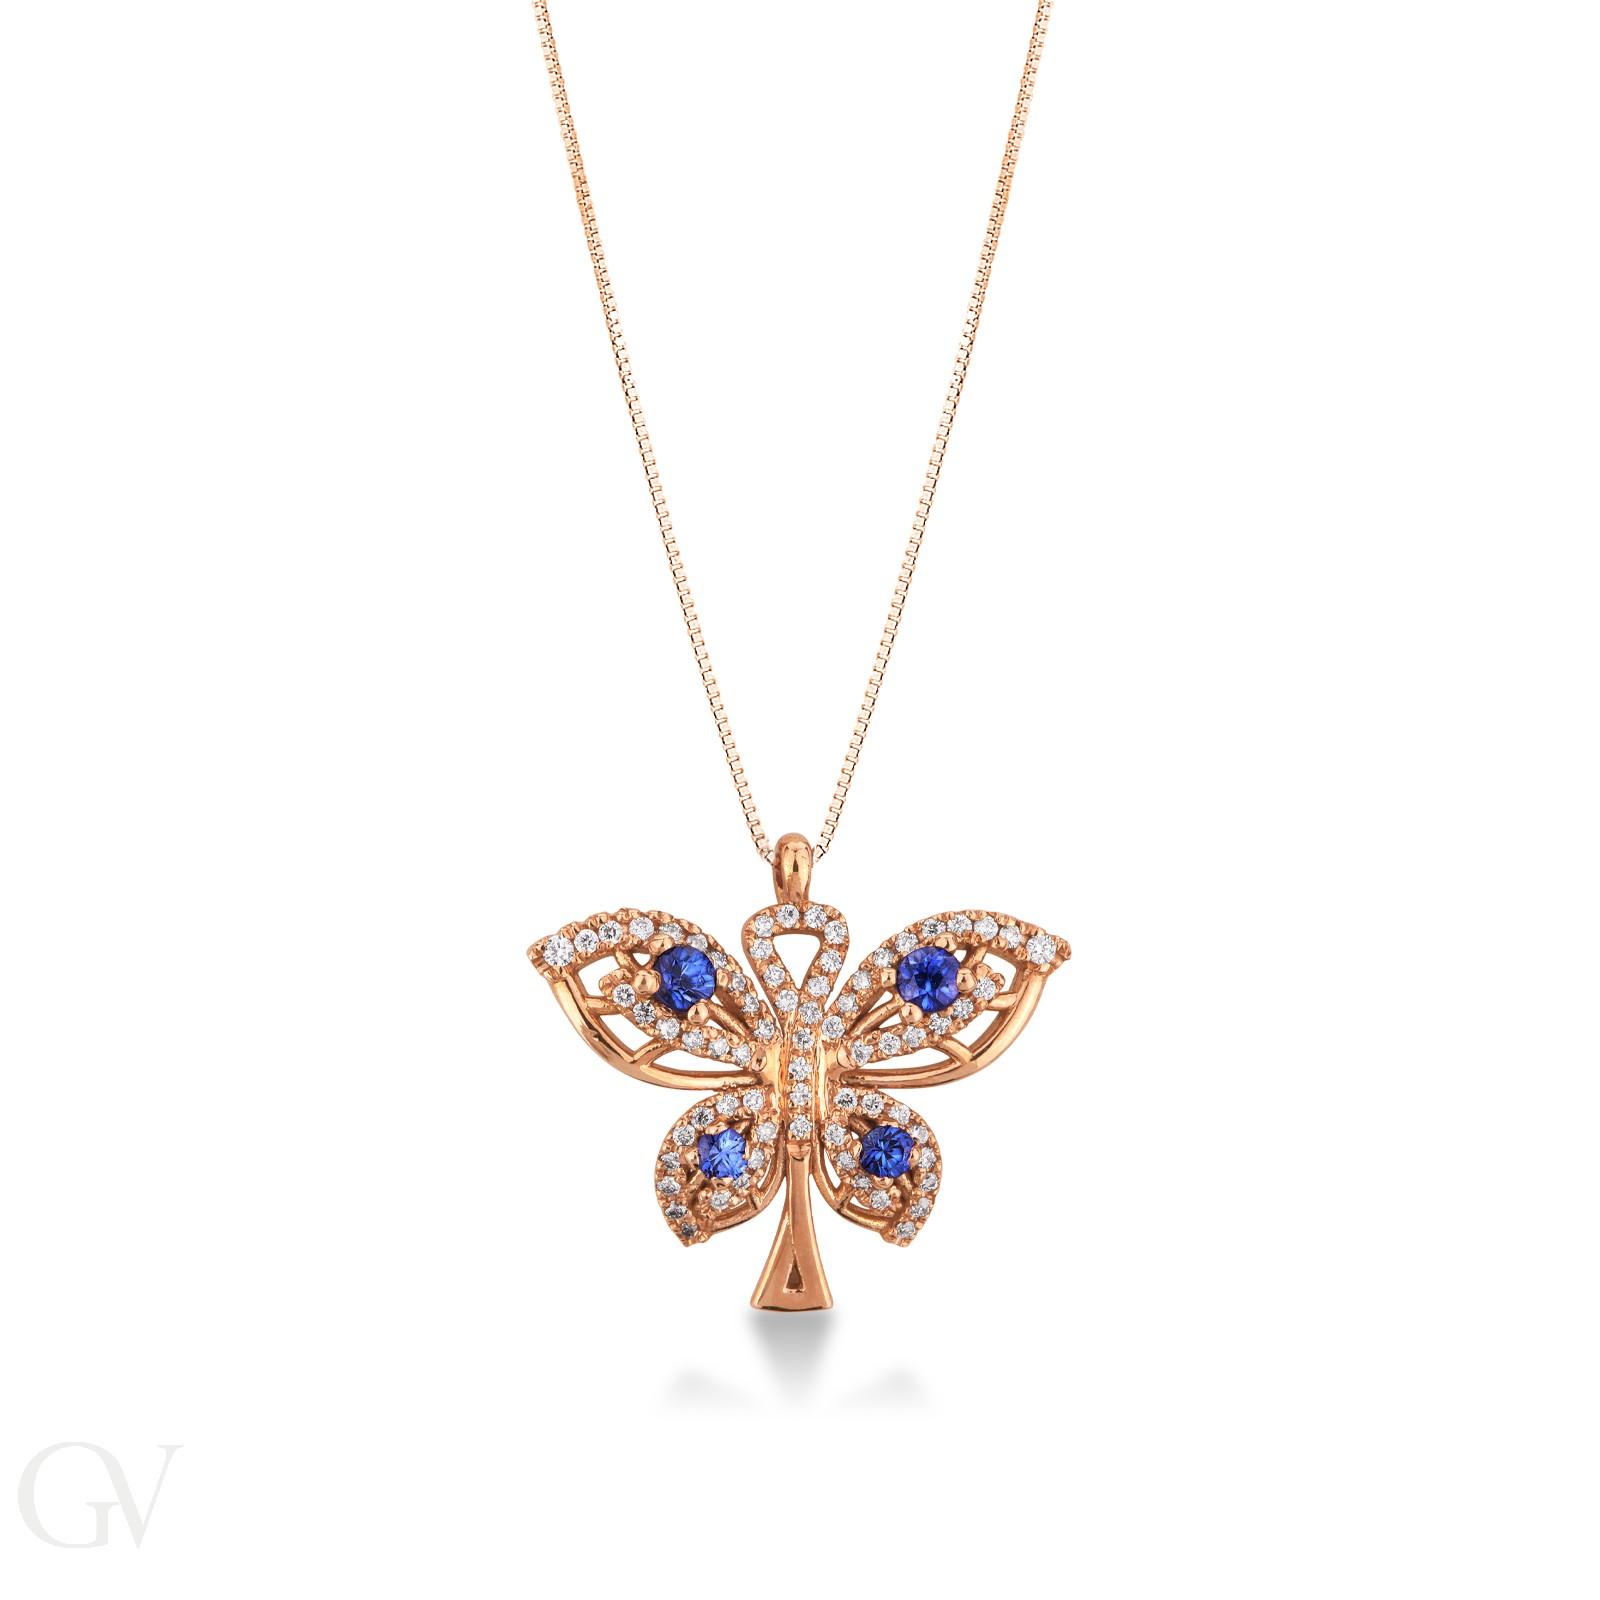 Collana in oro rosa 18k con pendente a farfalla in zaffiri blu e diamanti.